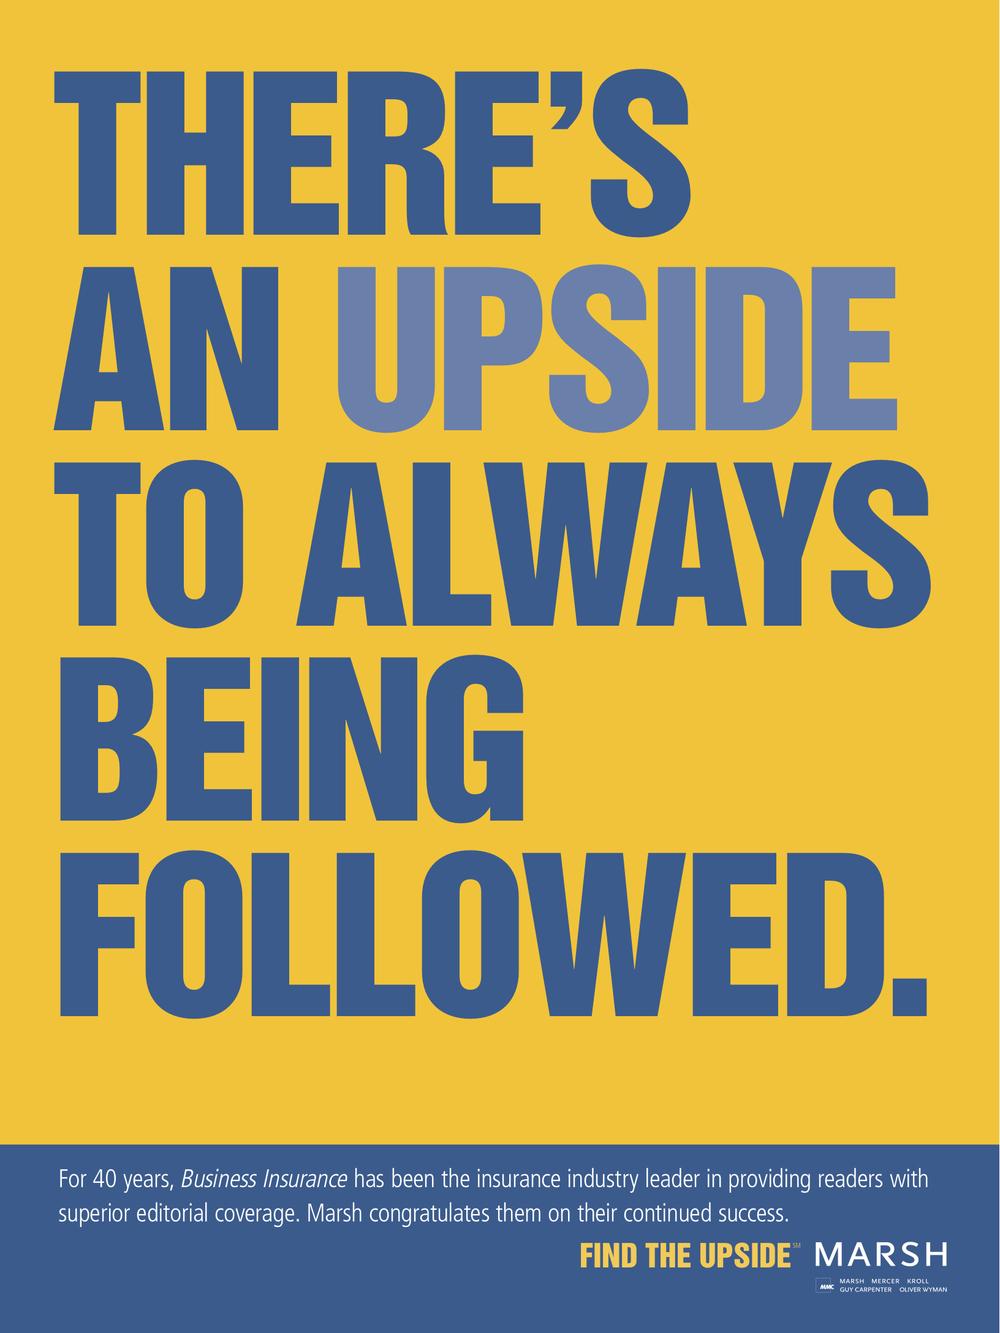 Always+being+followed+copy